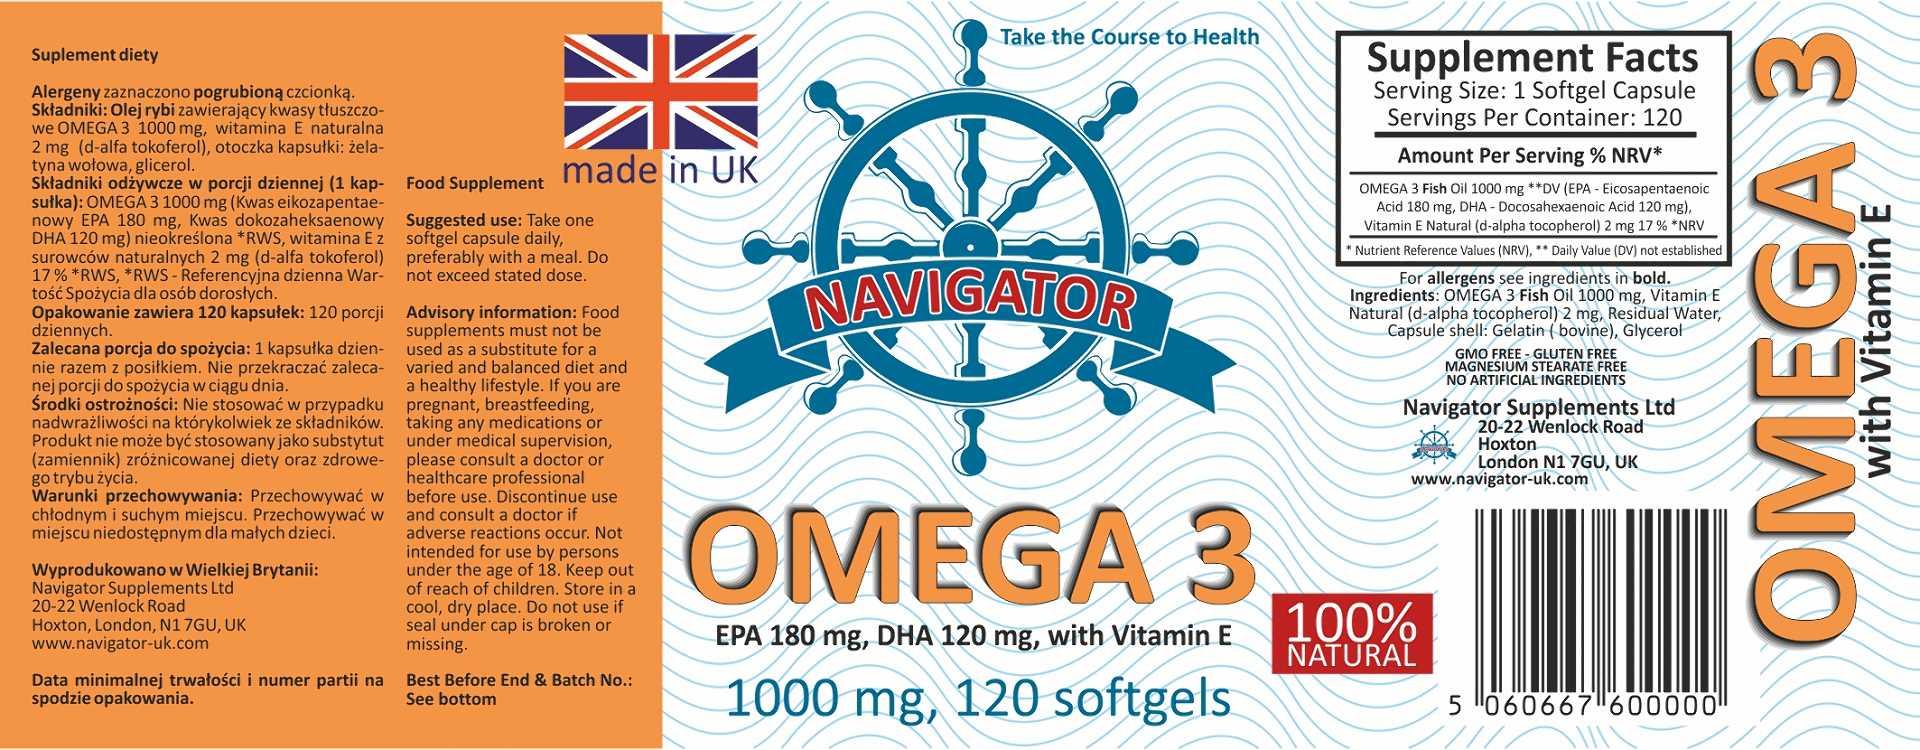 Omega-3-1000-mg-120-softgels